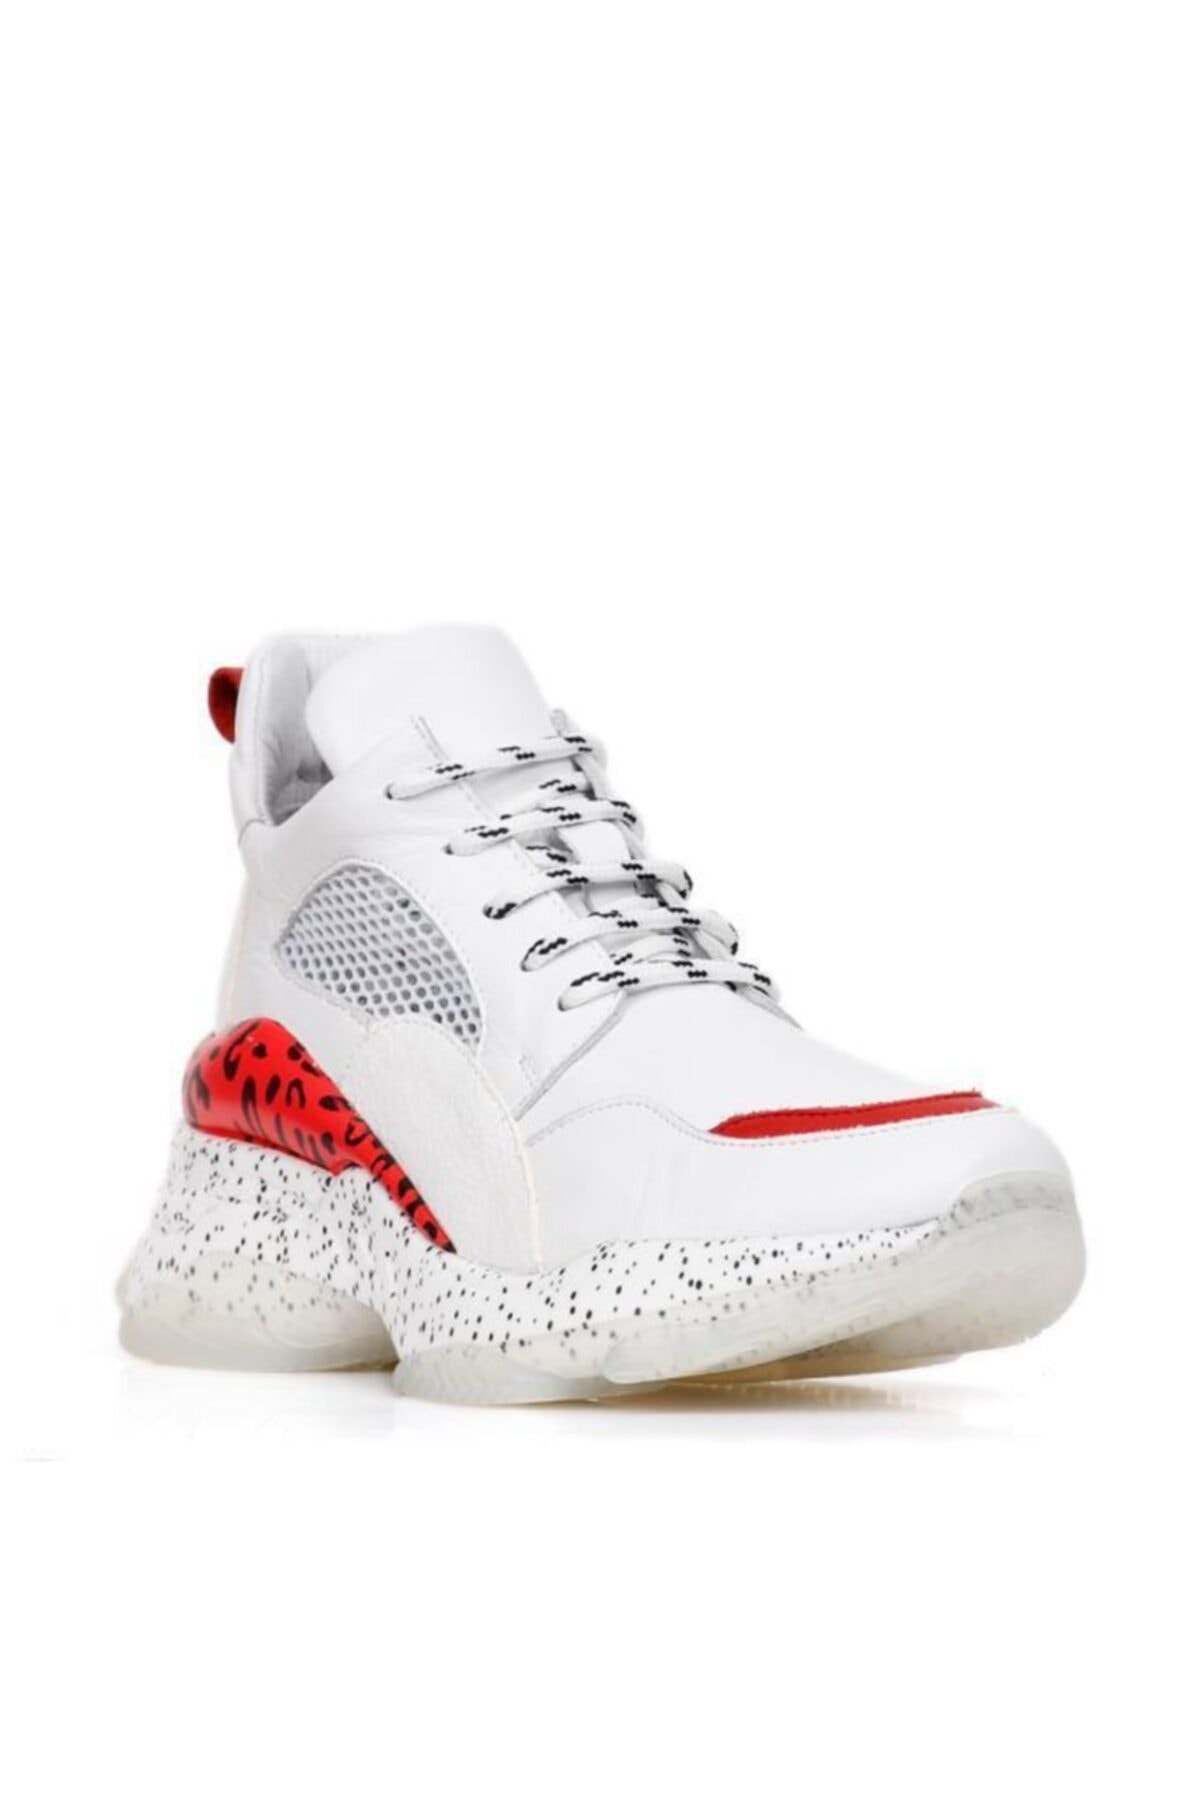 BUENO Shoes Hakiki Deri Noktalı Taban Ve File Detaylı Kadın Spor Ayakkabı 20wq11402 2